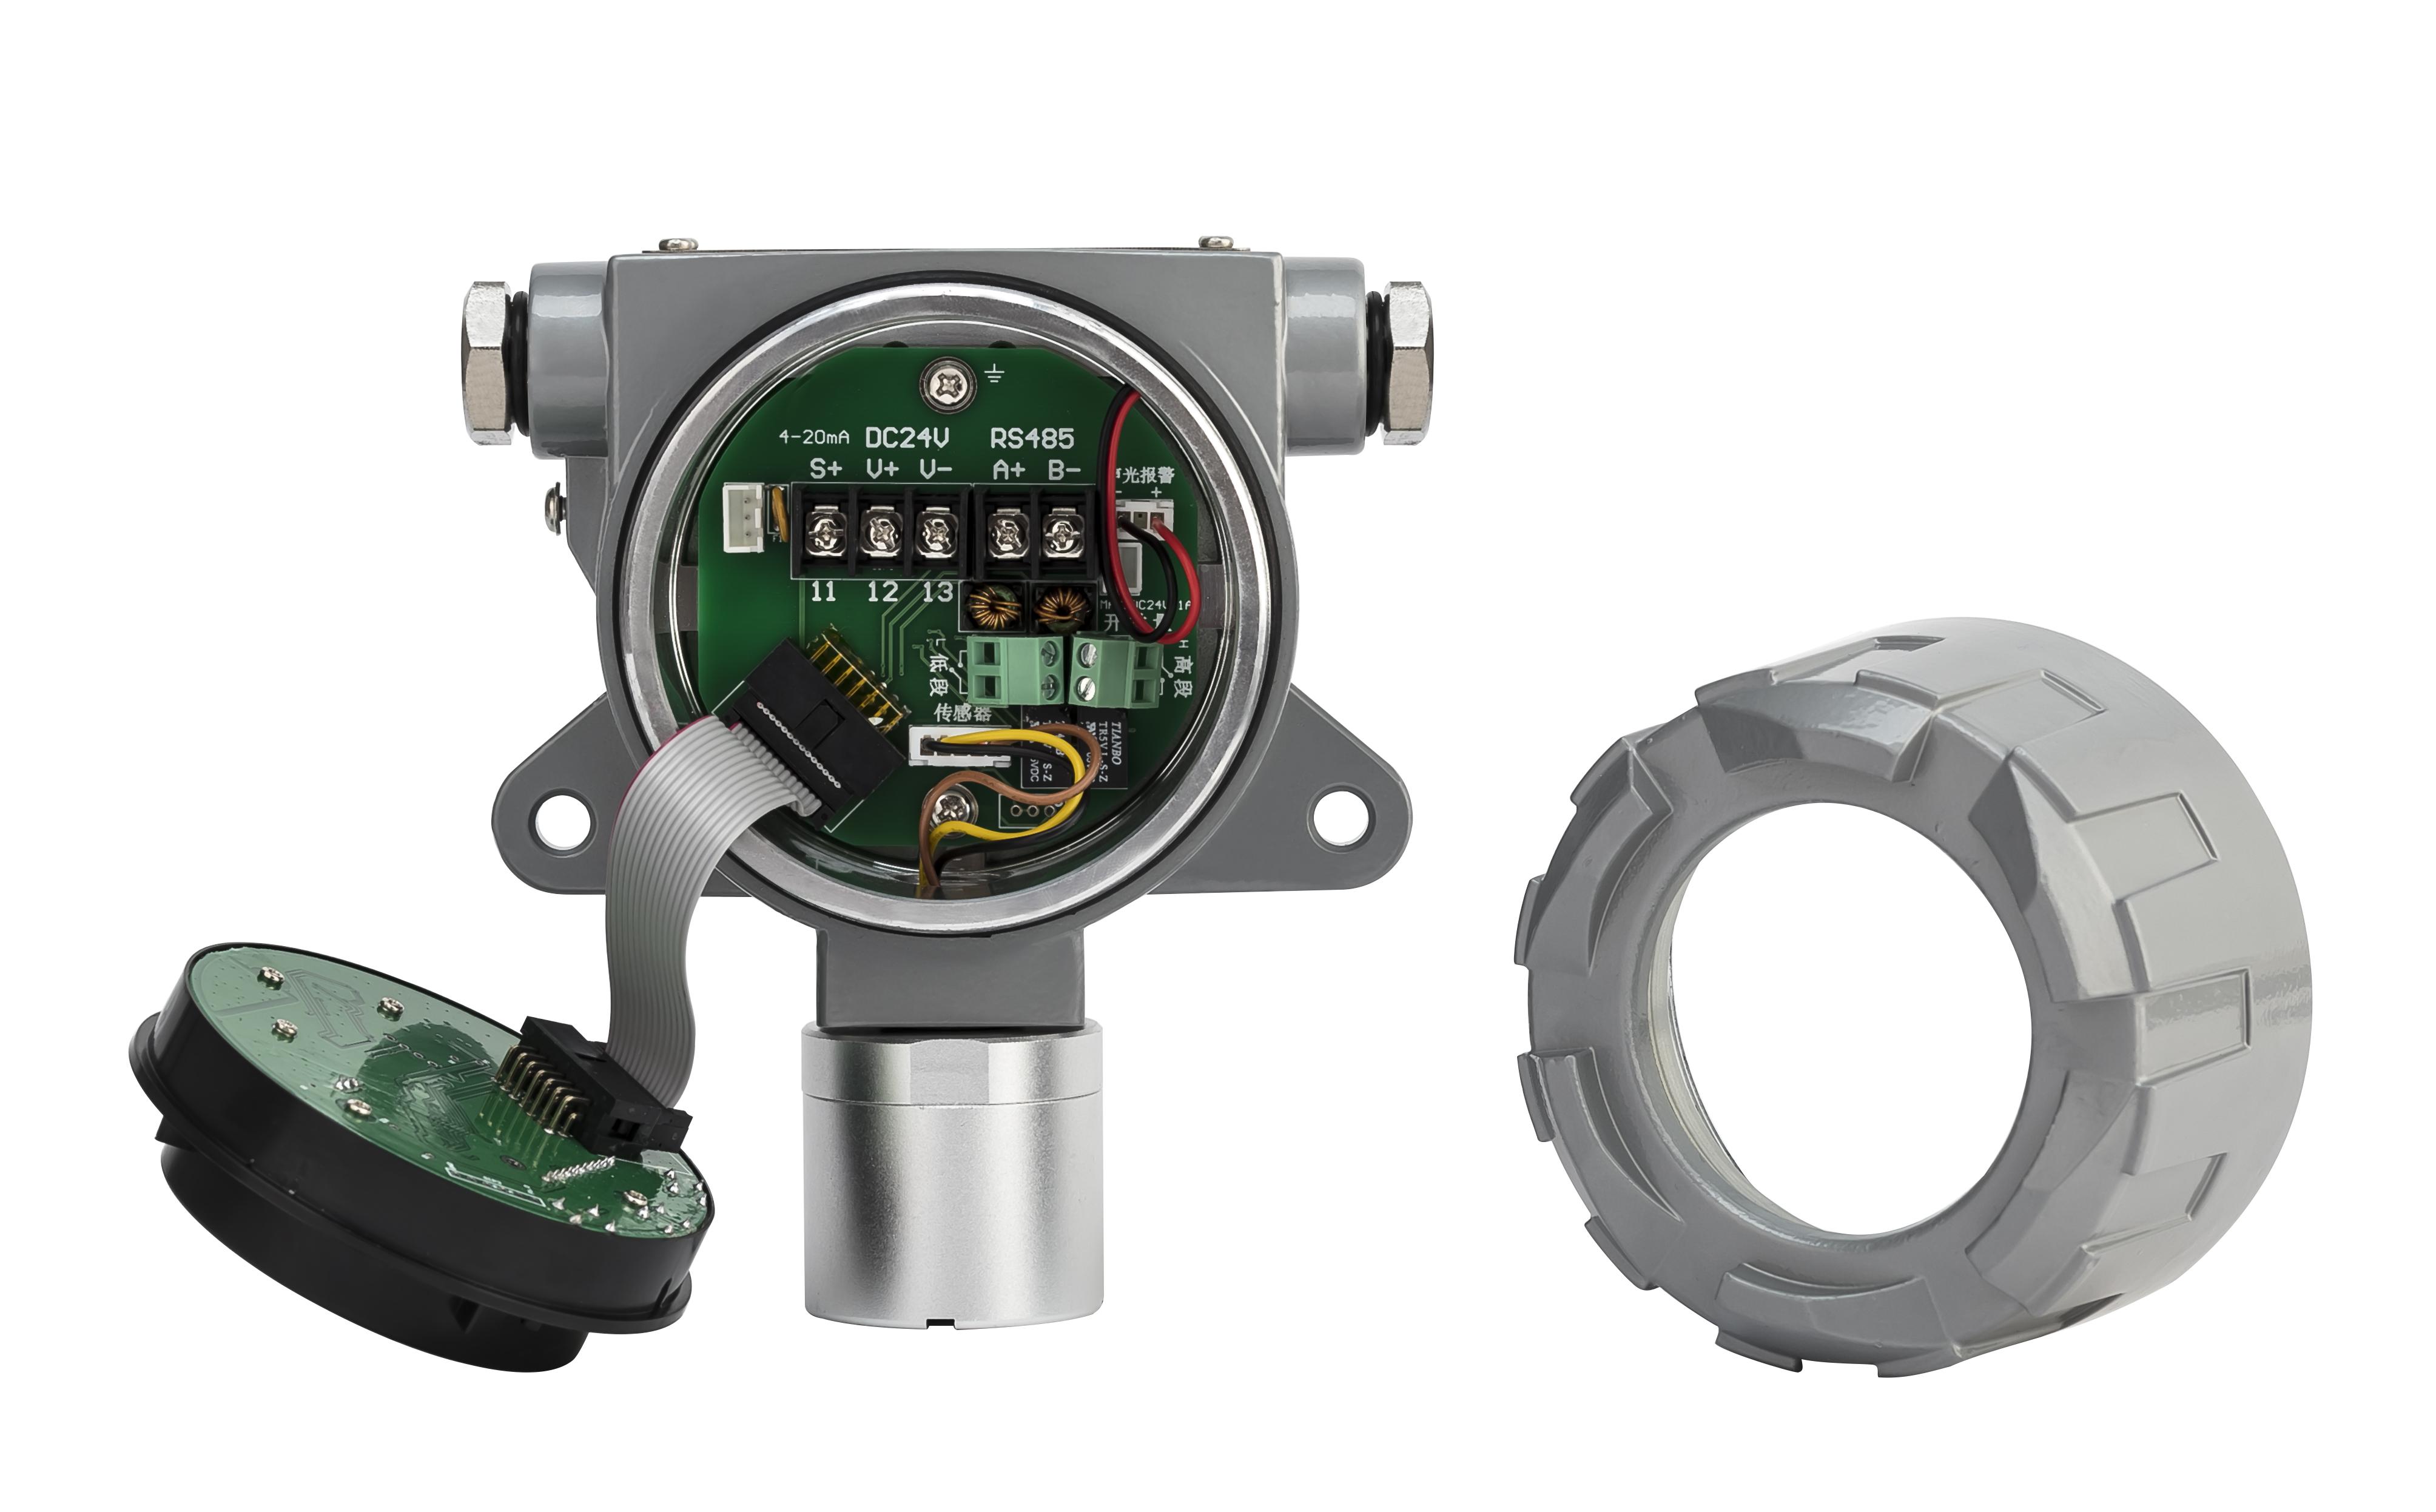 防水油漆涂料行业专用TDI气体报警器品牌-河南地区TDI气体监测仪代理价